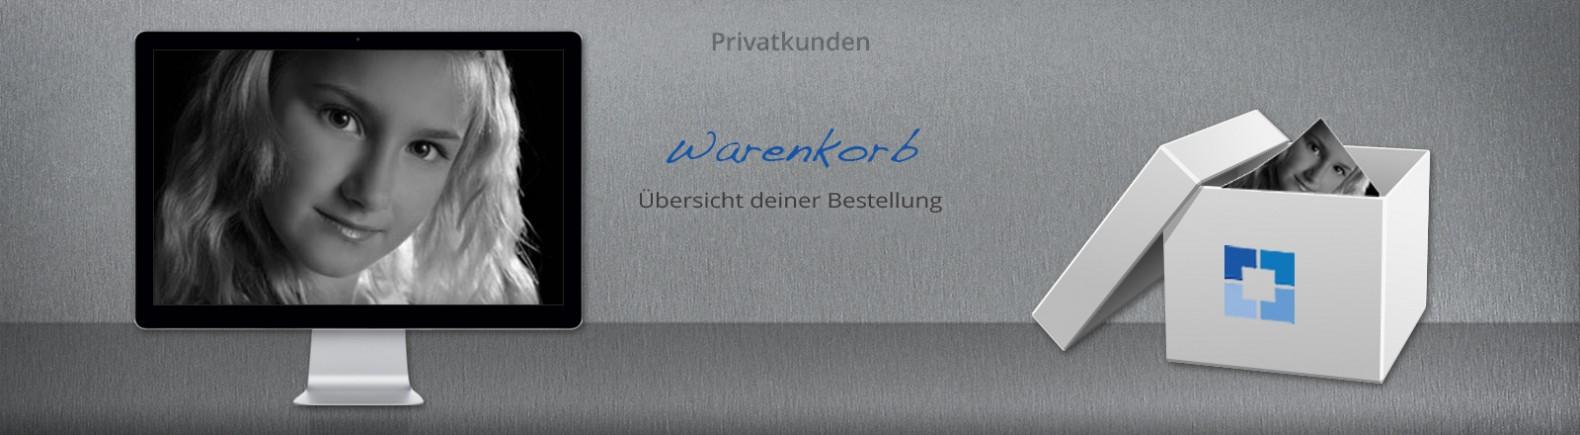 05_04_warenkorb_www.fotostudio-schloen-duesseldorf.de